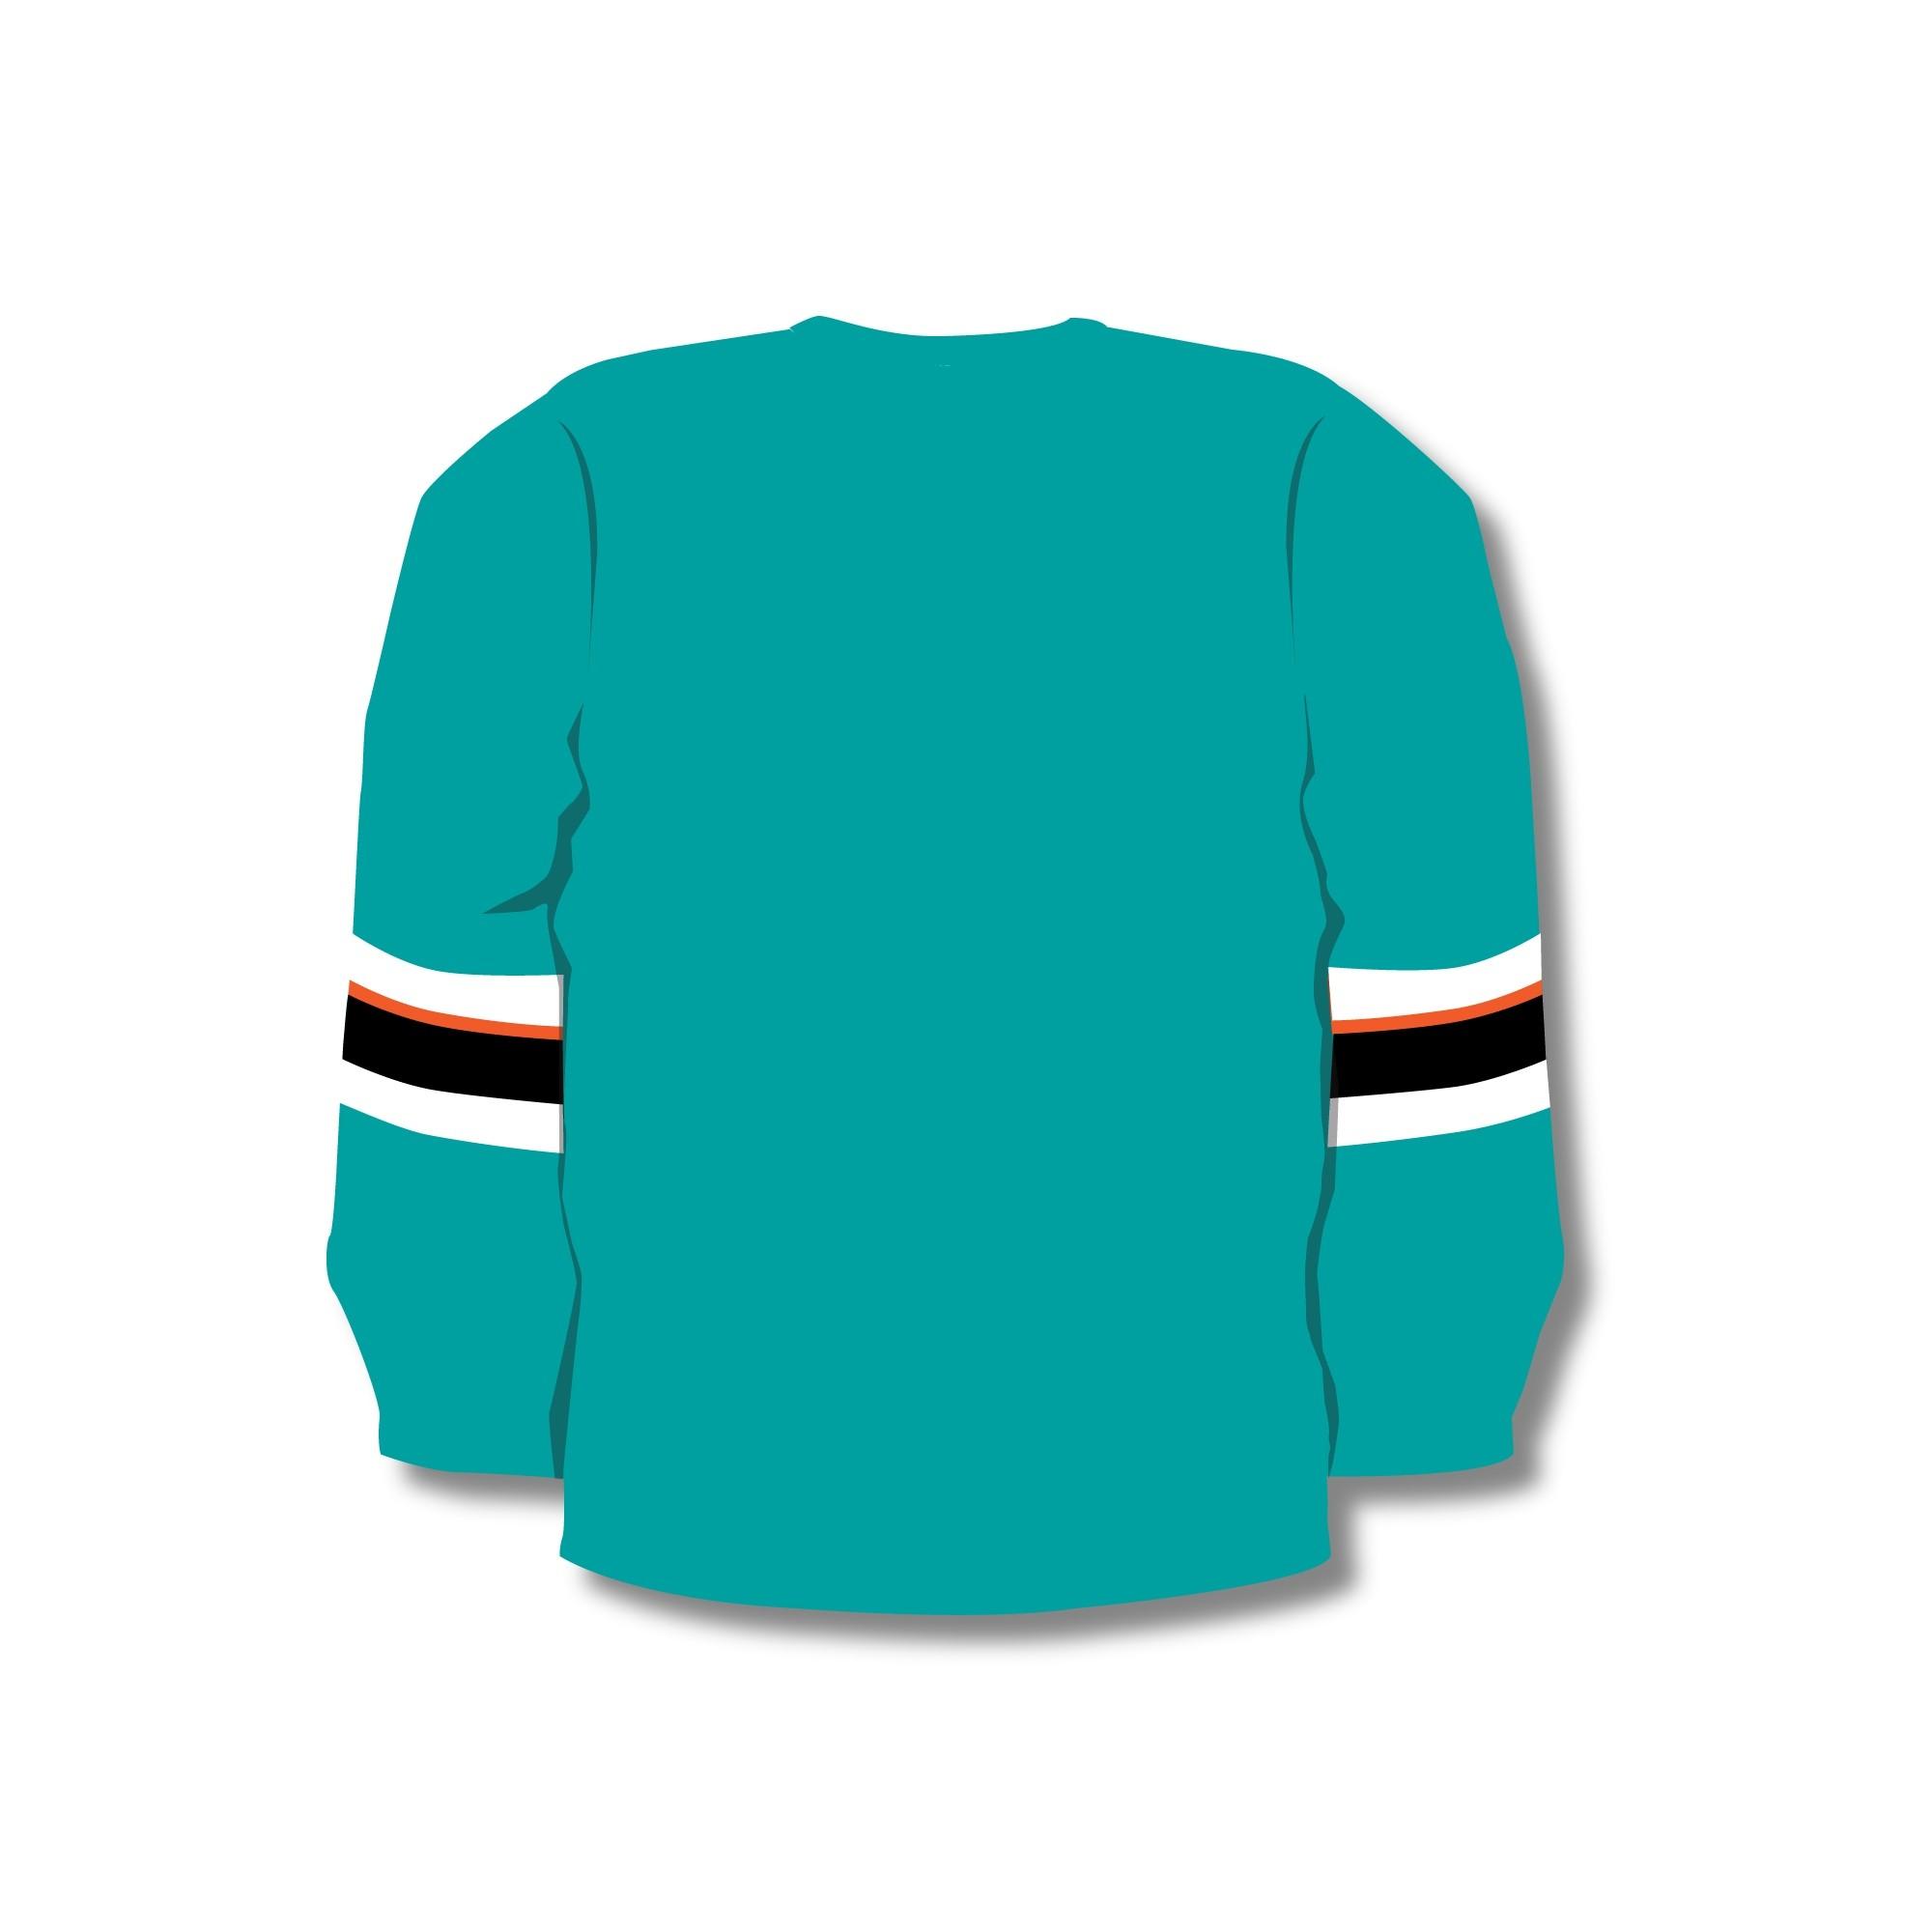 new styles ece2e 960d9 JERSEY-HCKY-SNJS Jersey Labels - Hockey-San Jose | Lovable ...